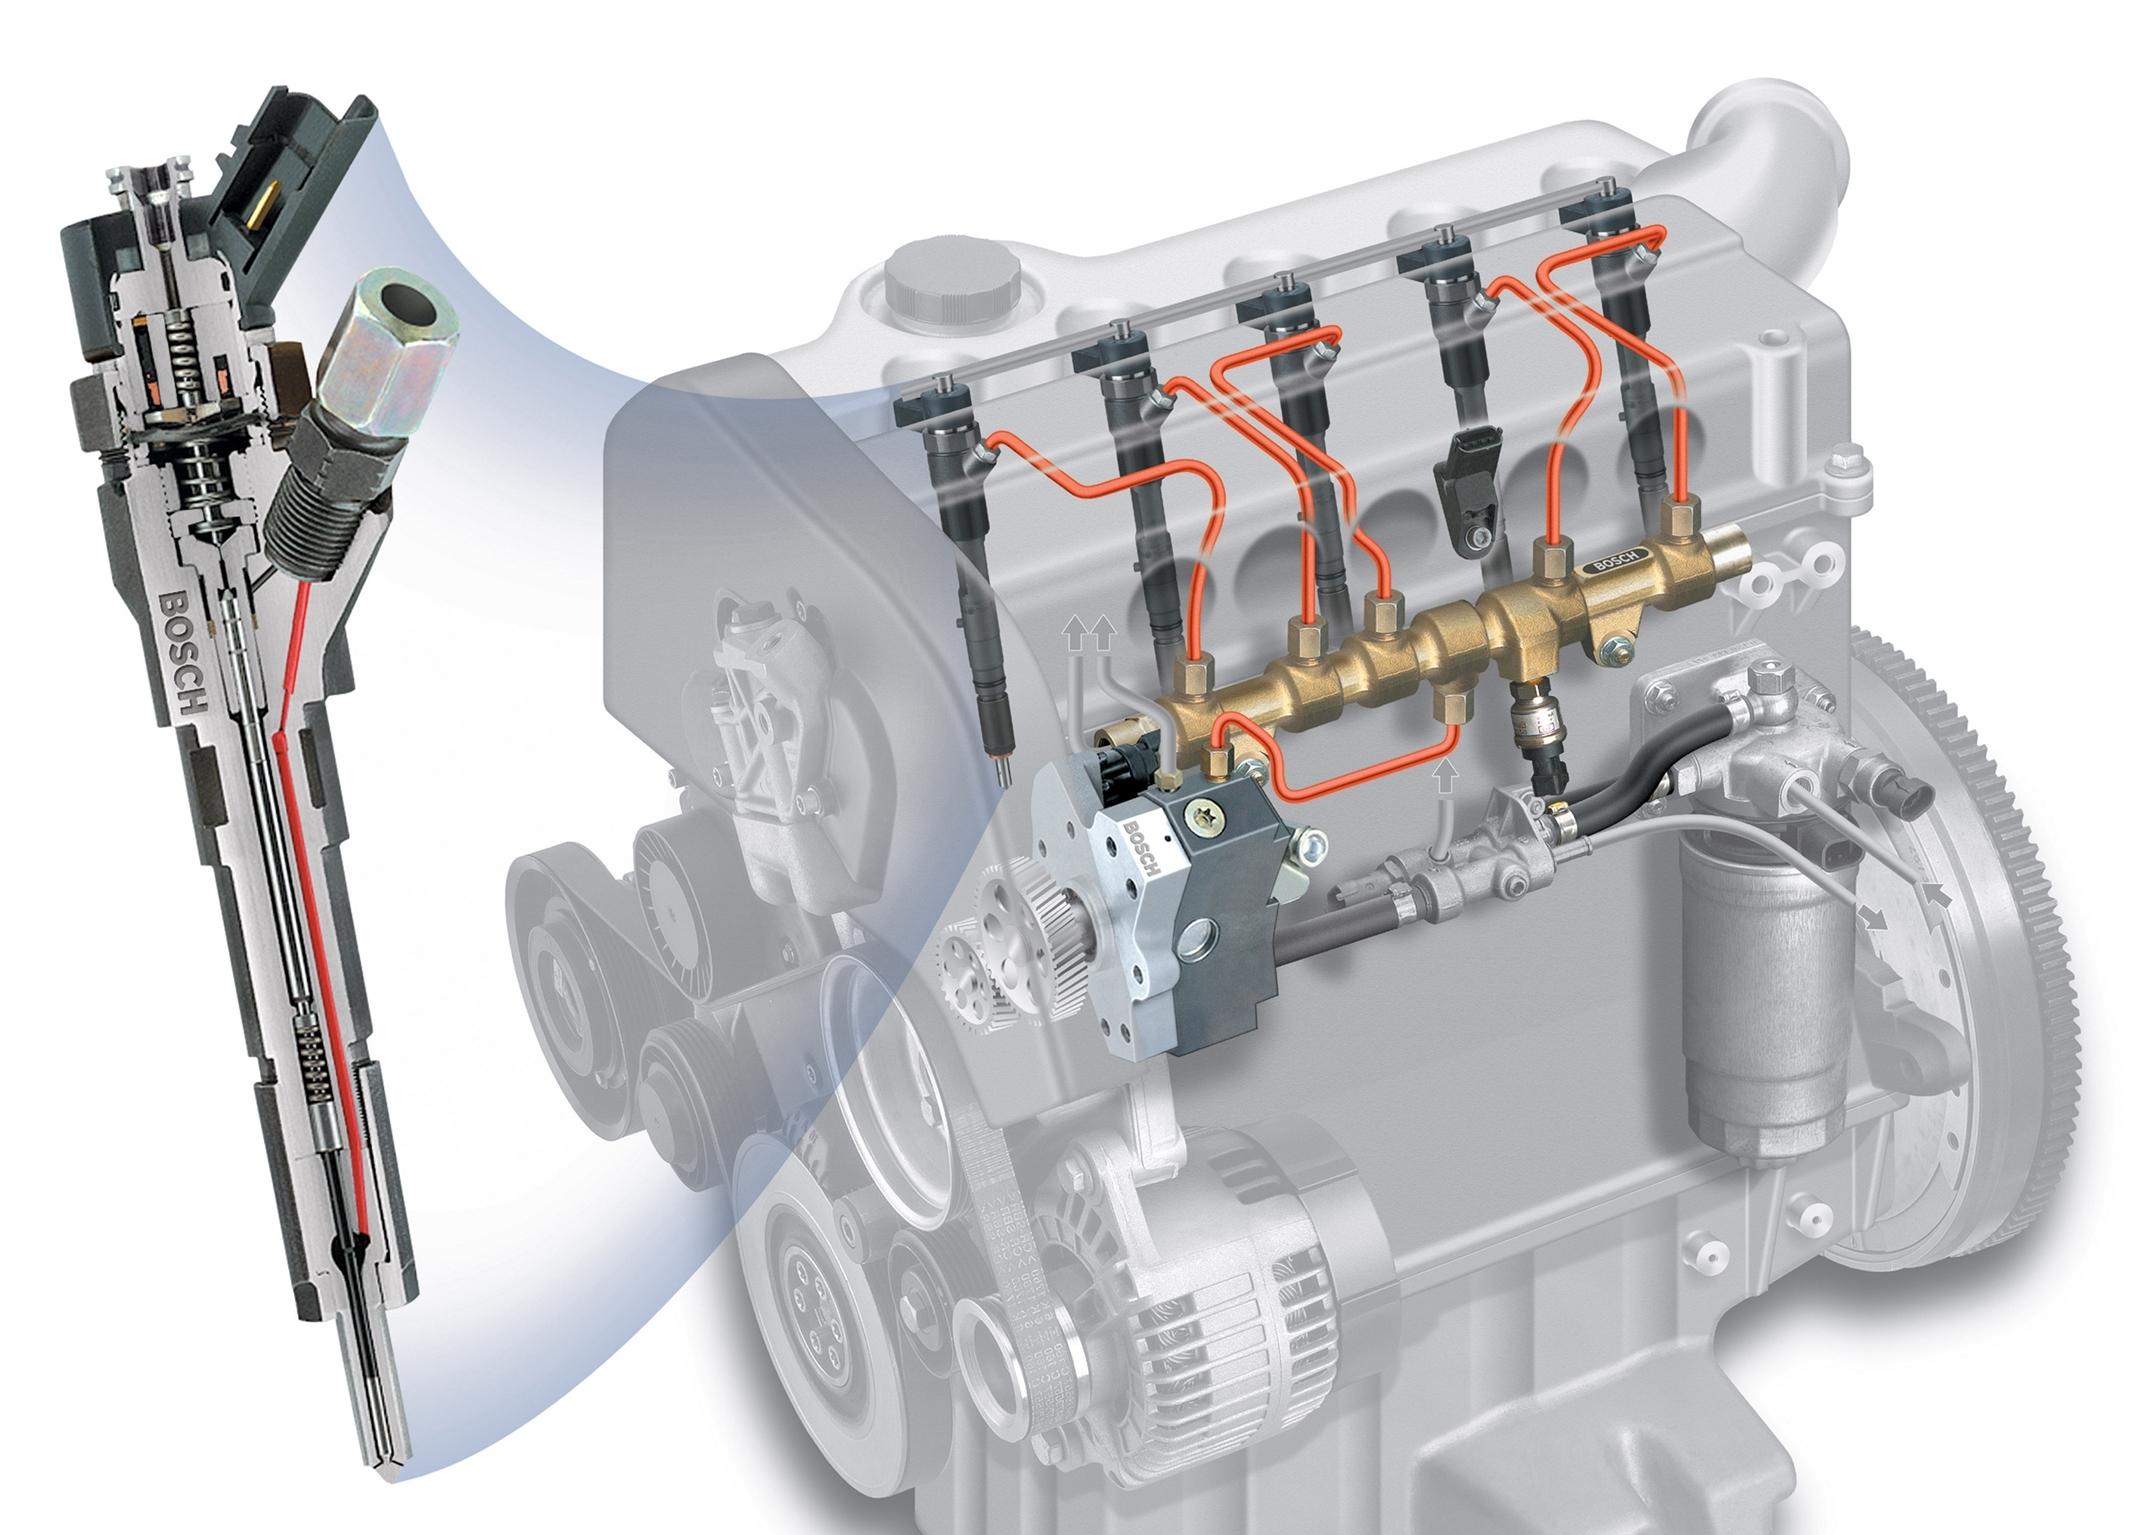 Двигатель mpi: характеристика, описание, принцип работы, ремонт, обслуживание